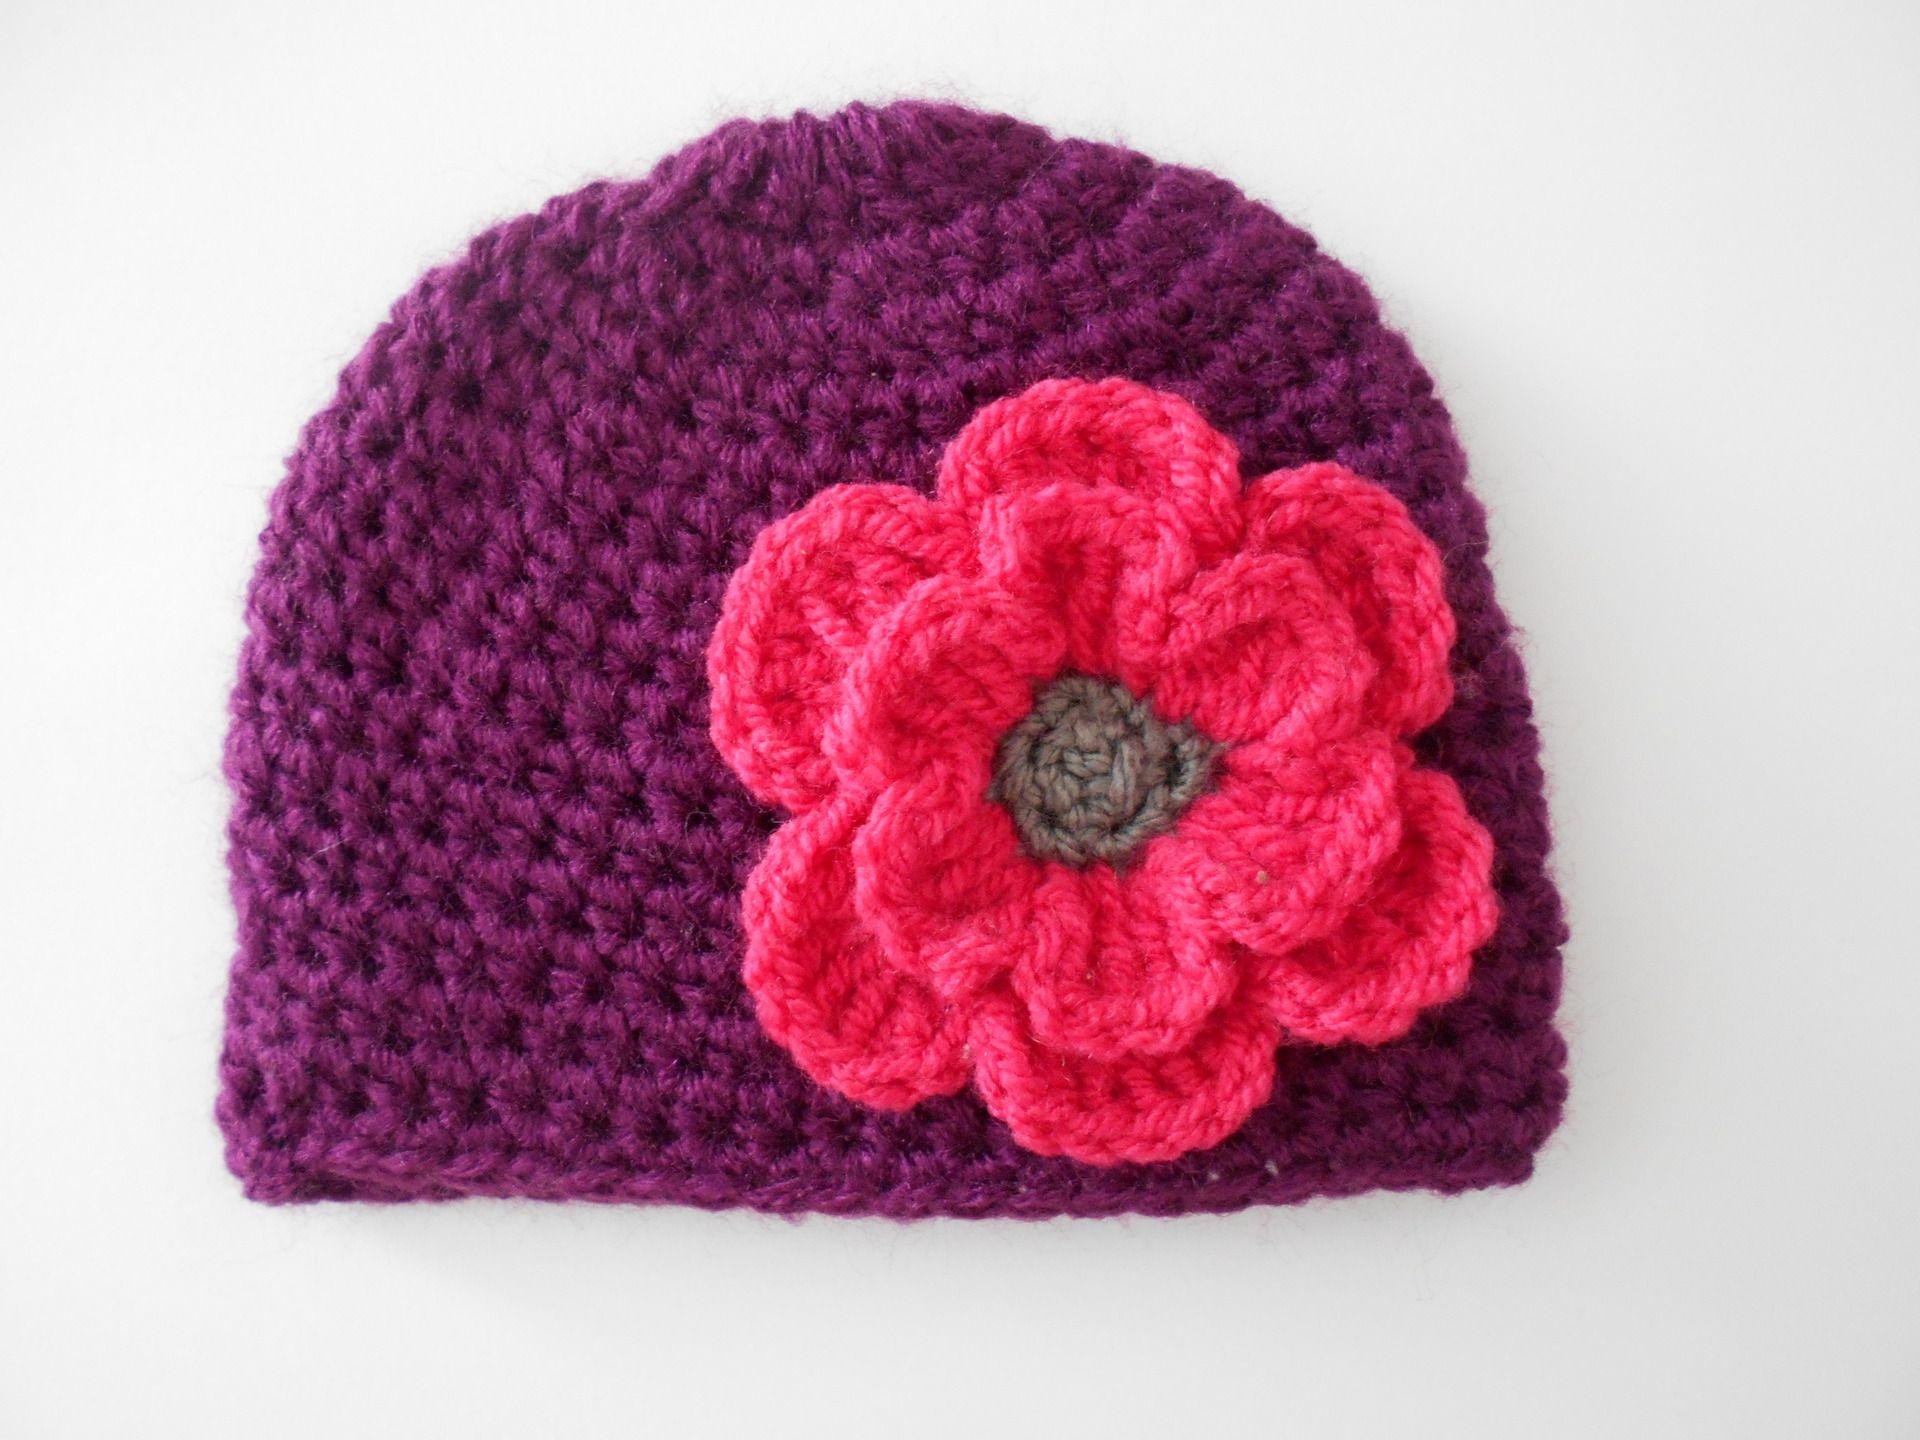 8c5a2236fba19 bonnet bebe fille ,bonnet bebe fait main en laine prune et fuchsia : Mode  Bébé par chtiewie